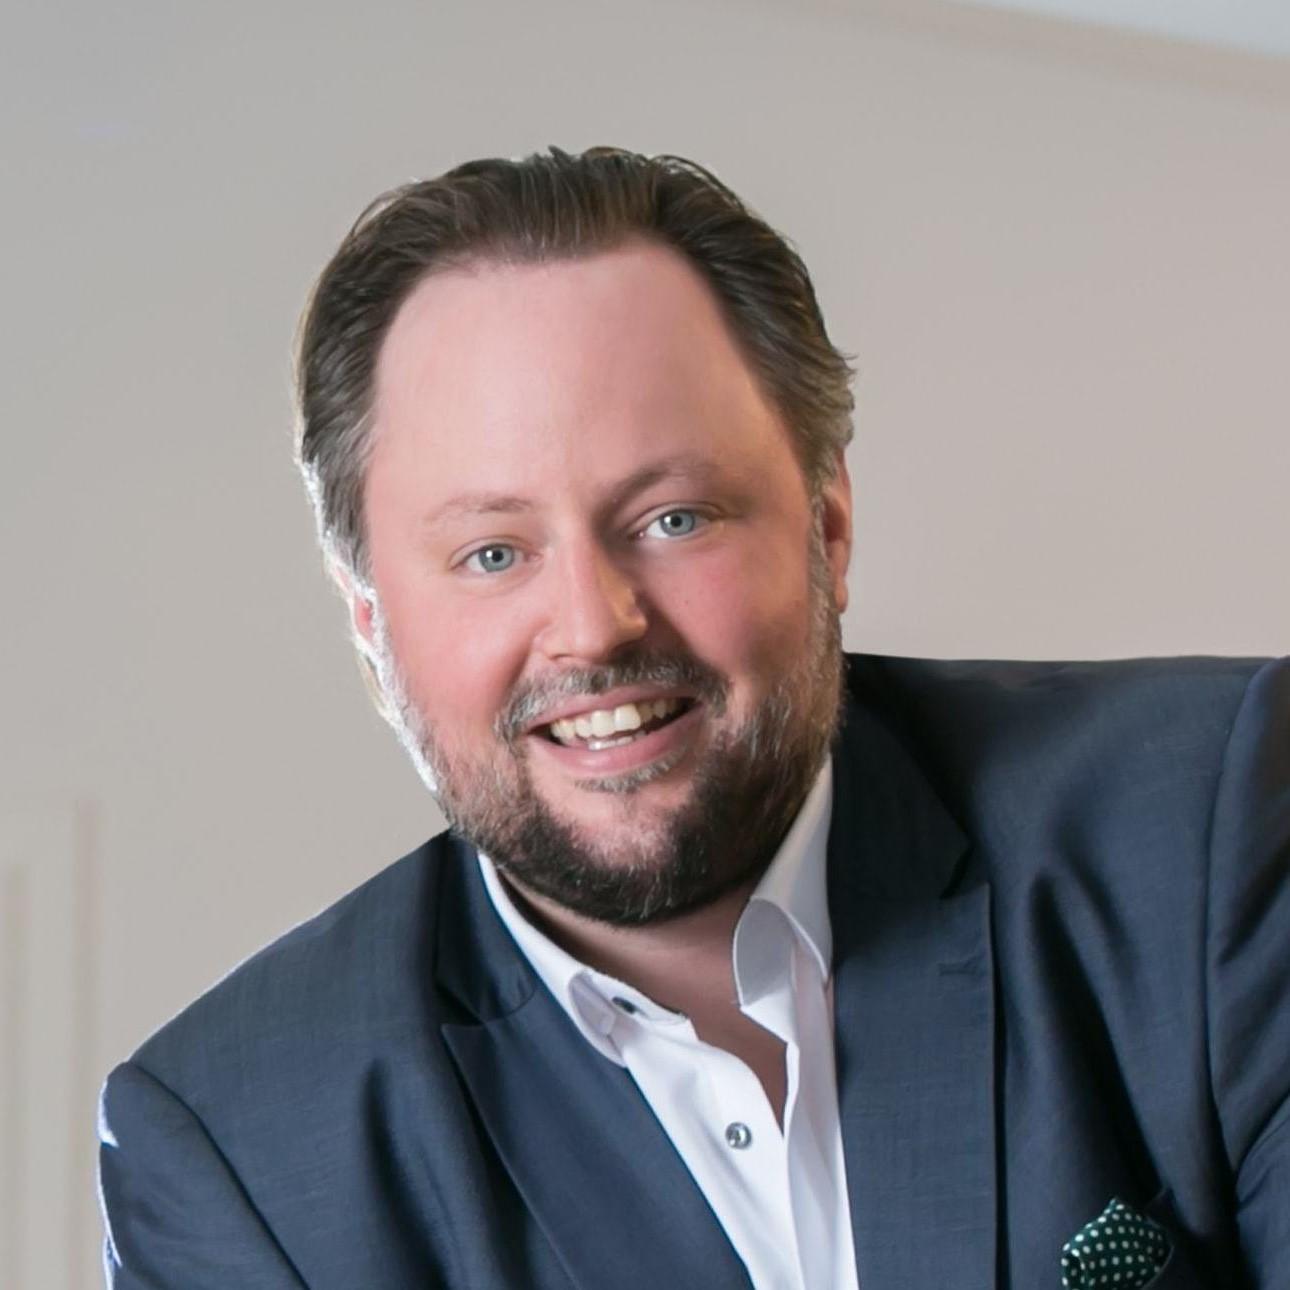 Philipp Erik Breitenfeld